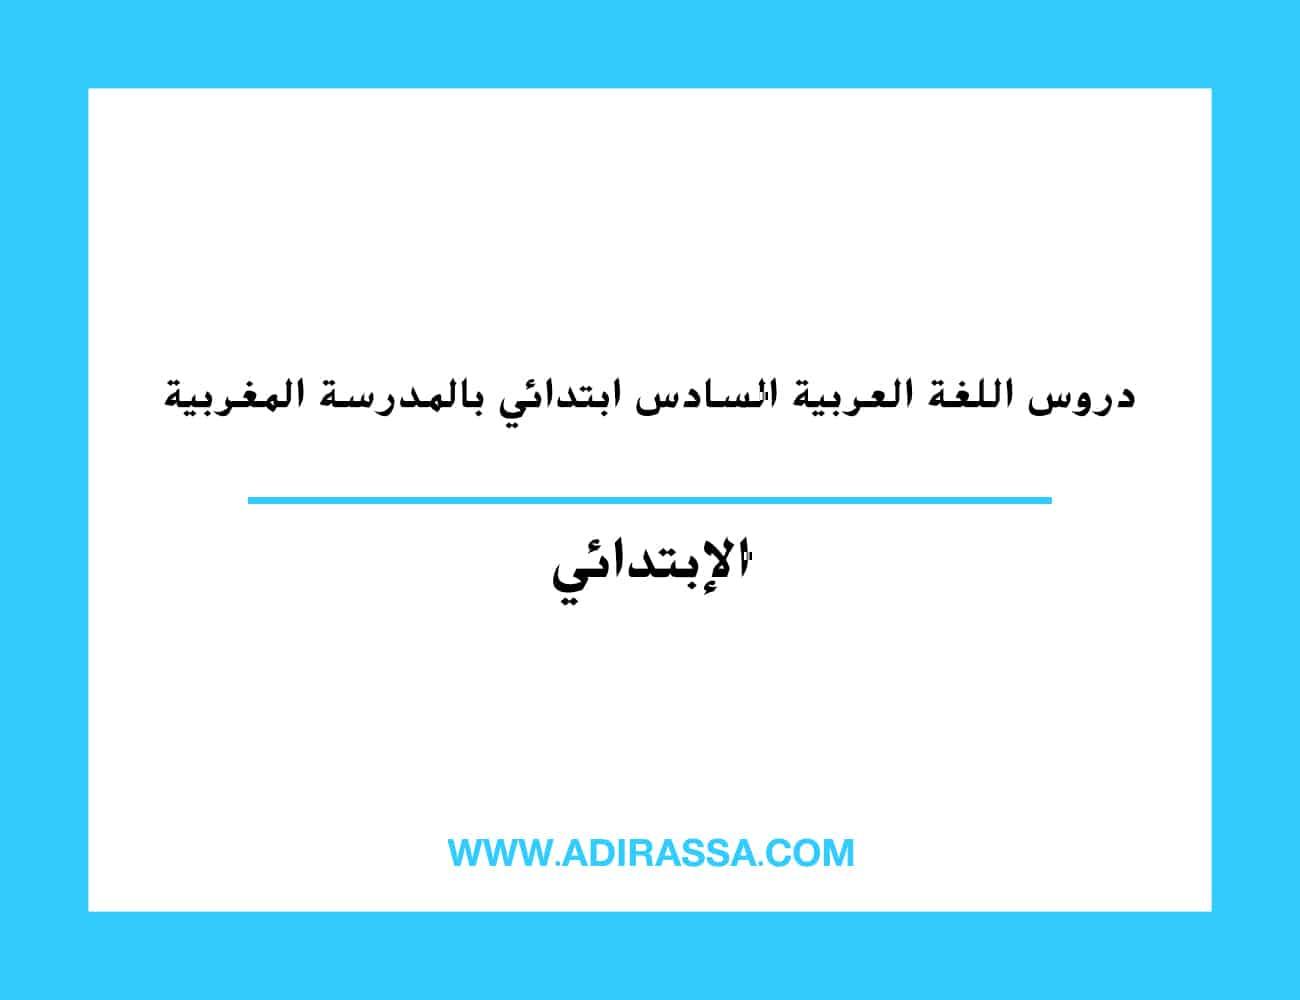 دروس اللغة العربية السادس ابتدائي المقررة بالمدرسة المغربية